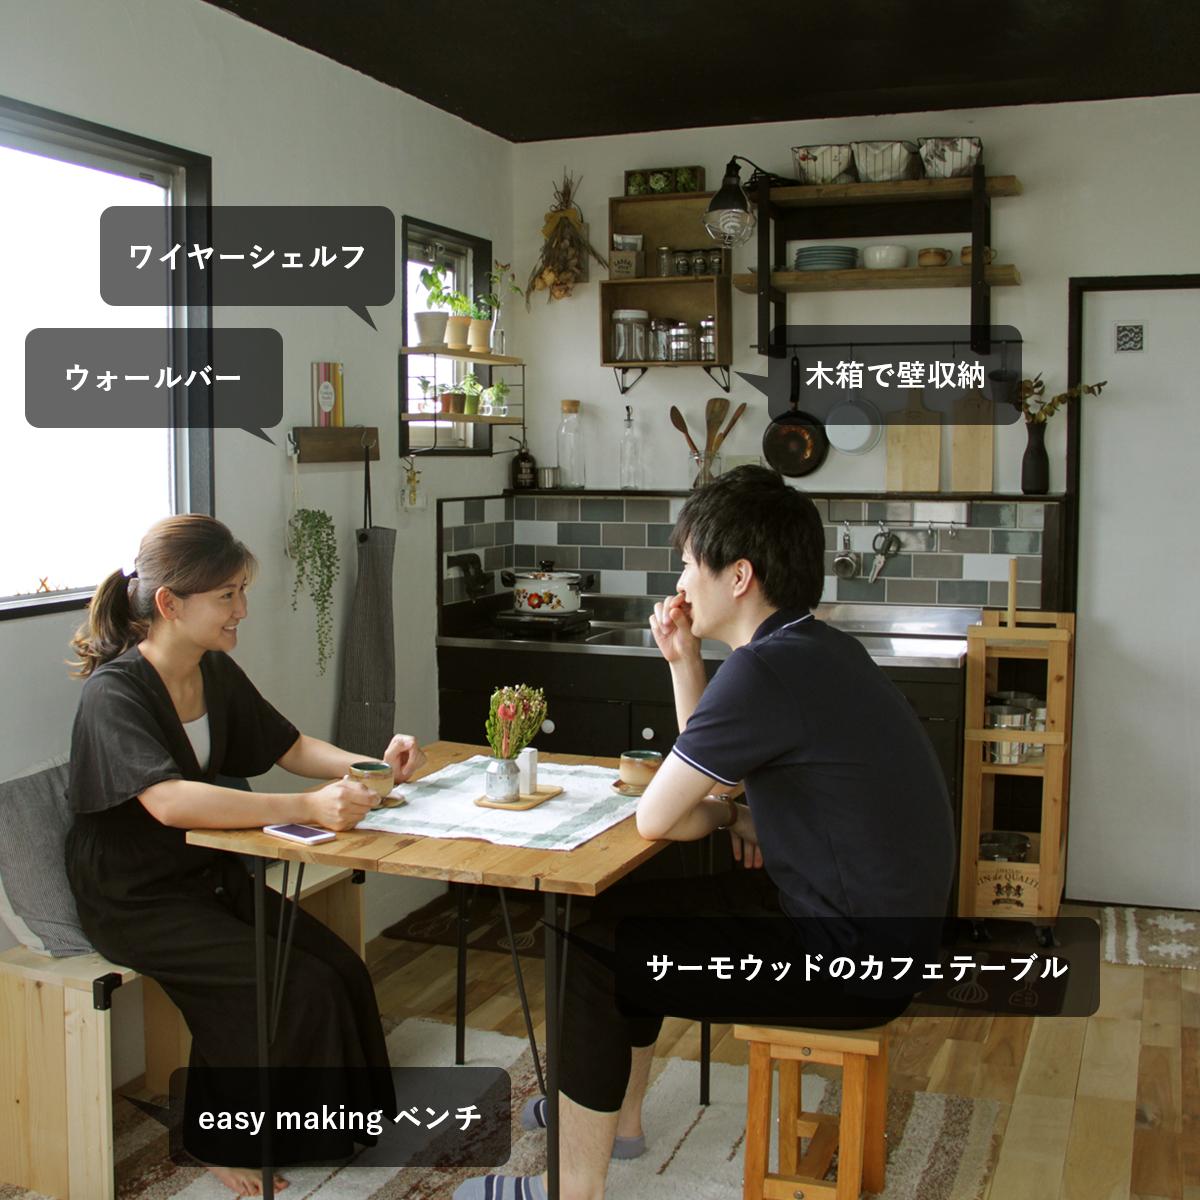 カフェ風インテリアで一息つける我が家のキッチン